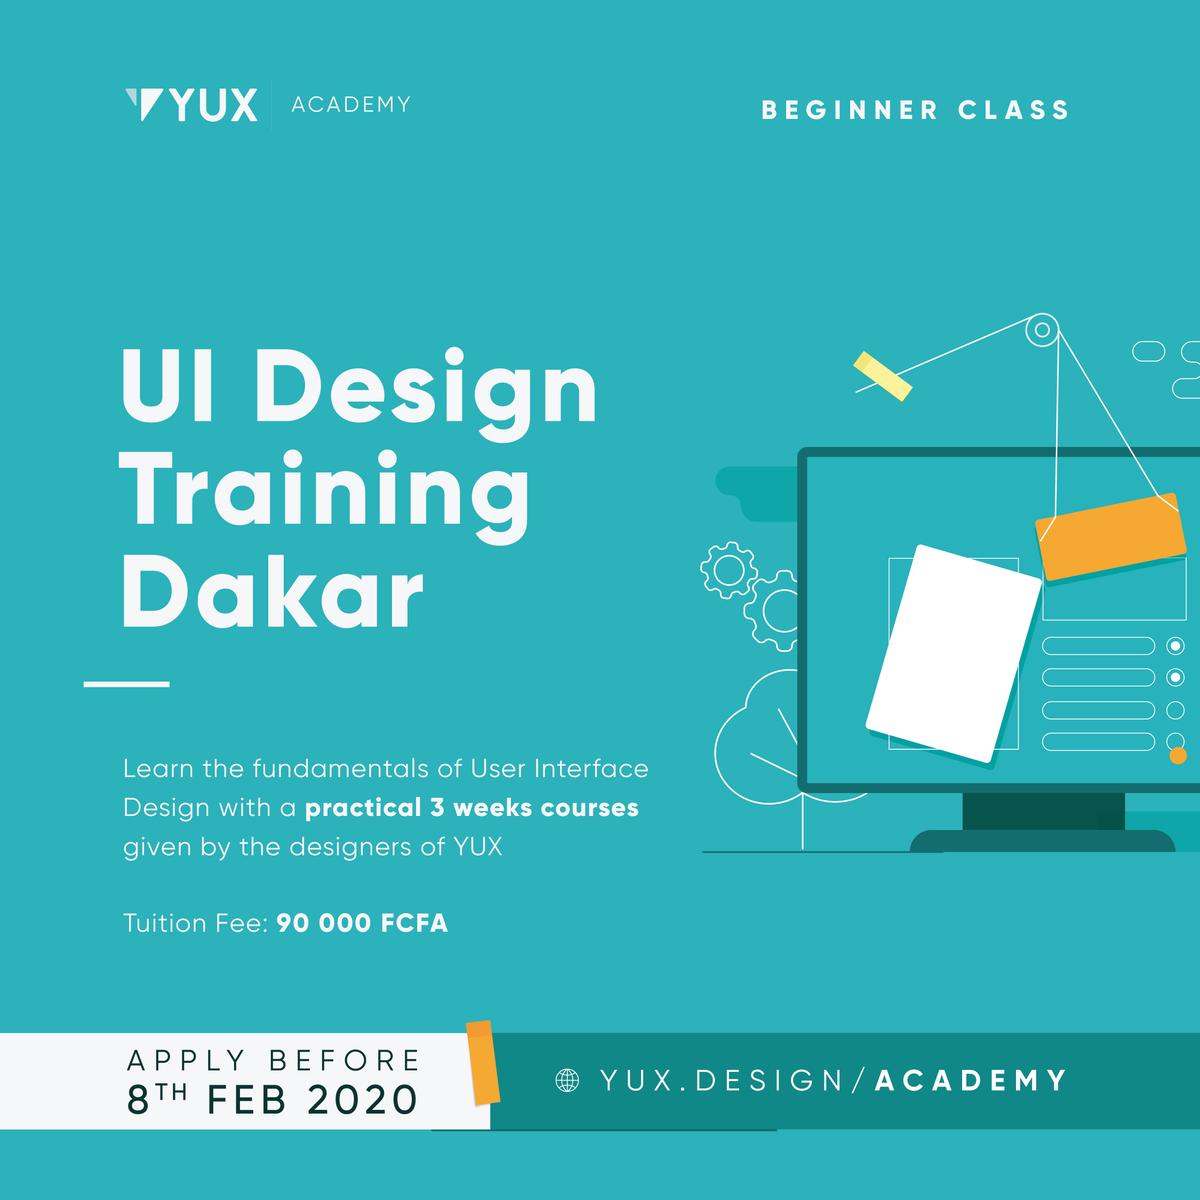 [FORMATION] Souhaitez-vous ajouter UI design à votre socle de compétences? Alors postulez ici 😎https://yux.design/academy#UX #UI #DESIGN #TRAINING #FORMATION #UXDESIGN #DESIGNERS #DAKAR #SENEGAL #AFRIQUE